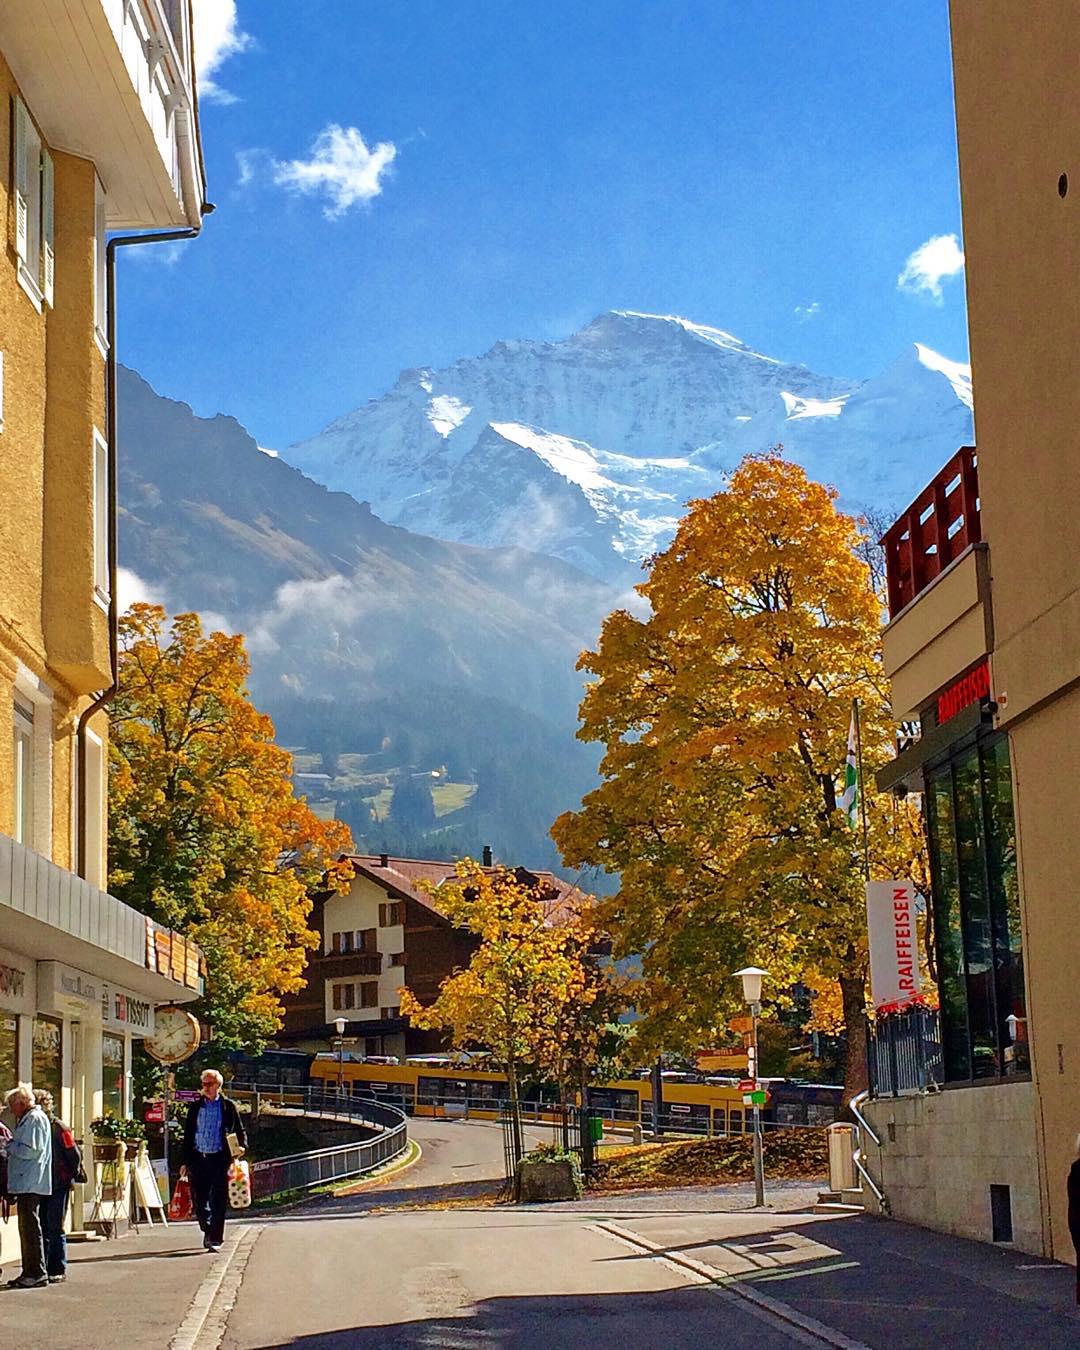 o que conhecer na suica principais atracoes